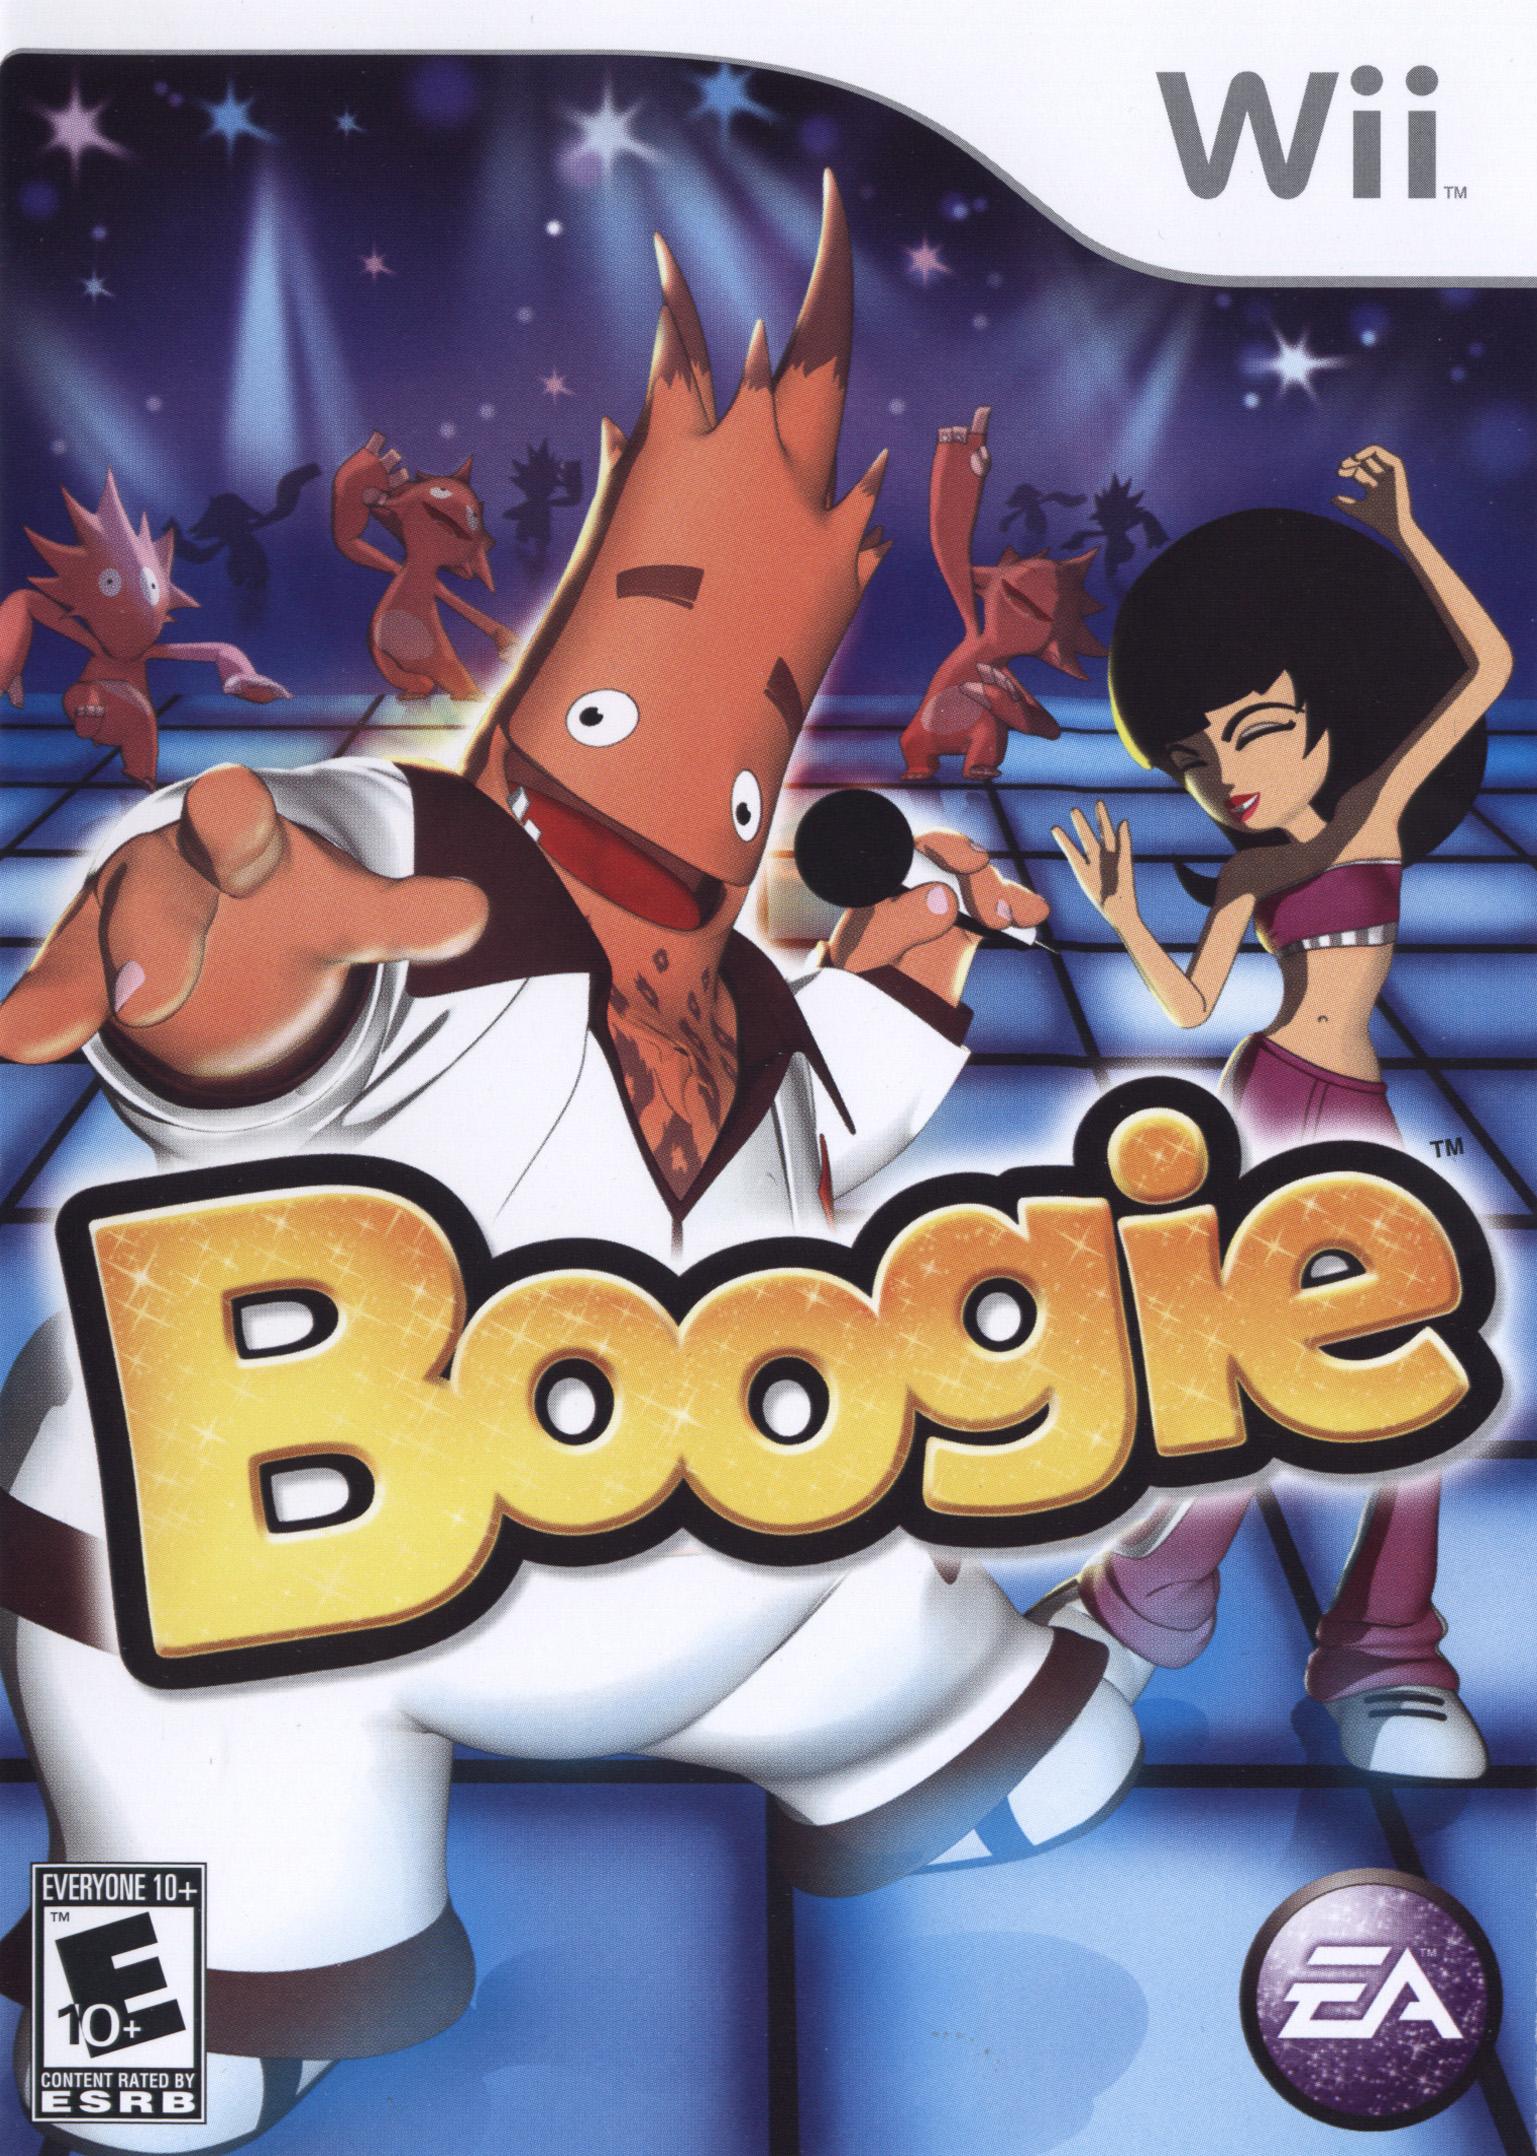 Boogie/Wii